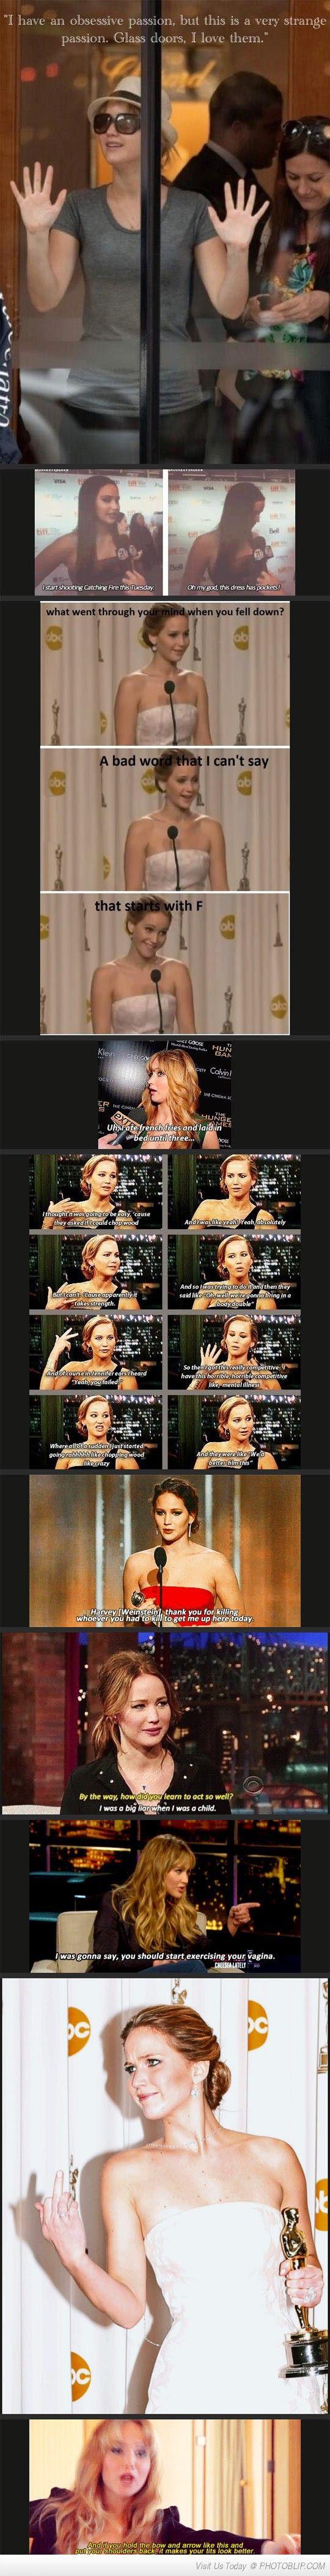 Oh Jennifer...